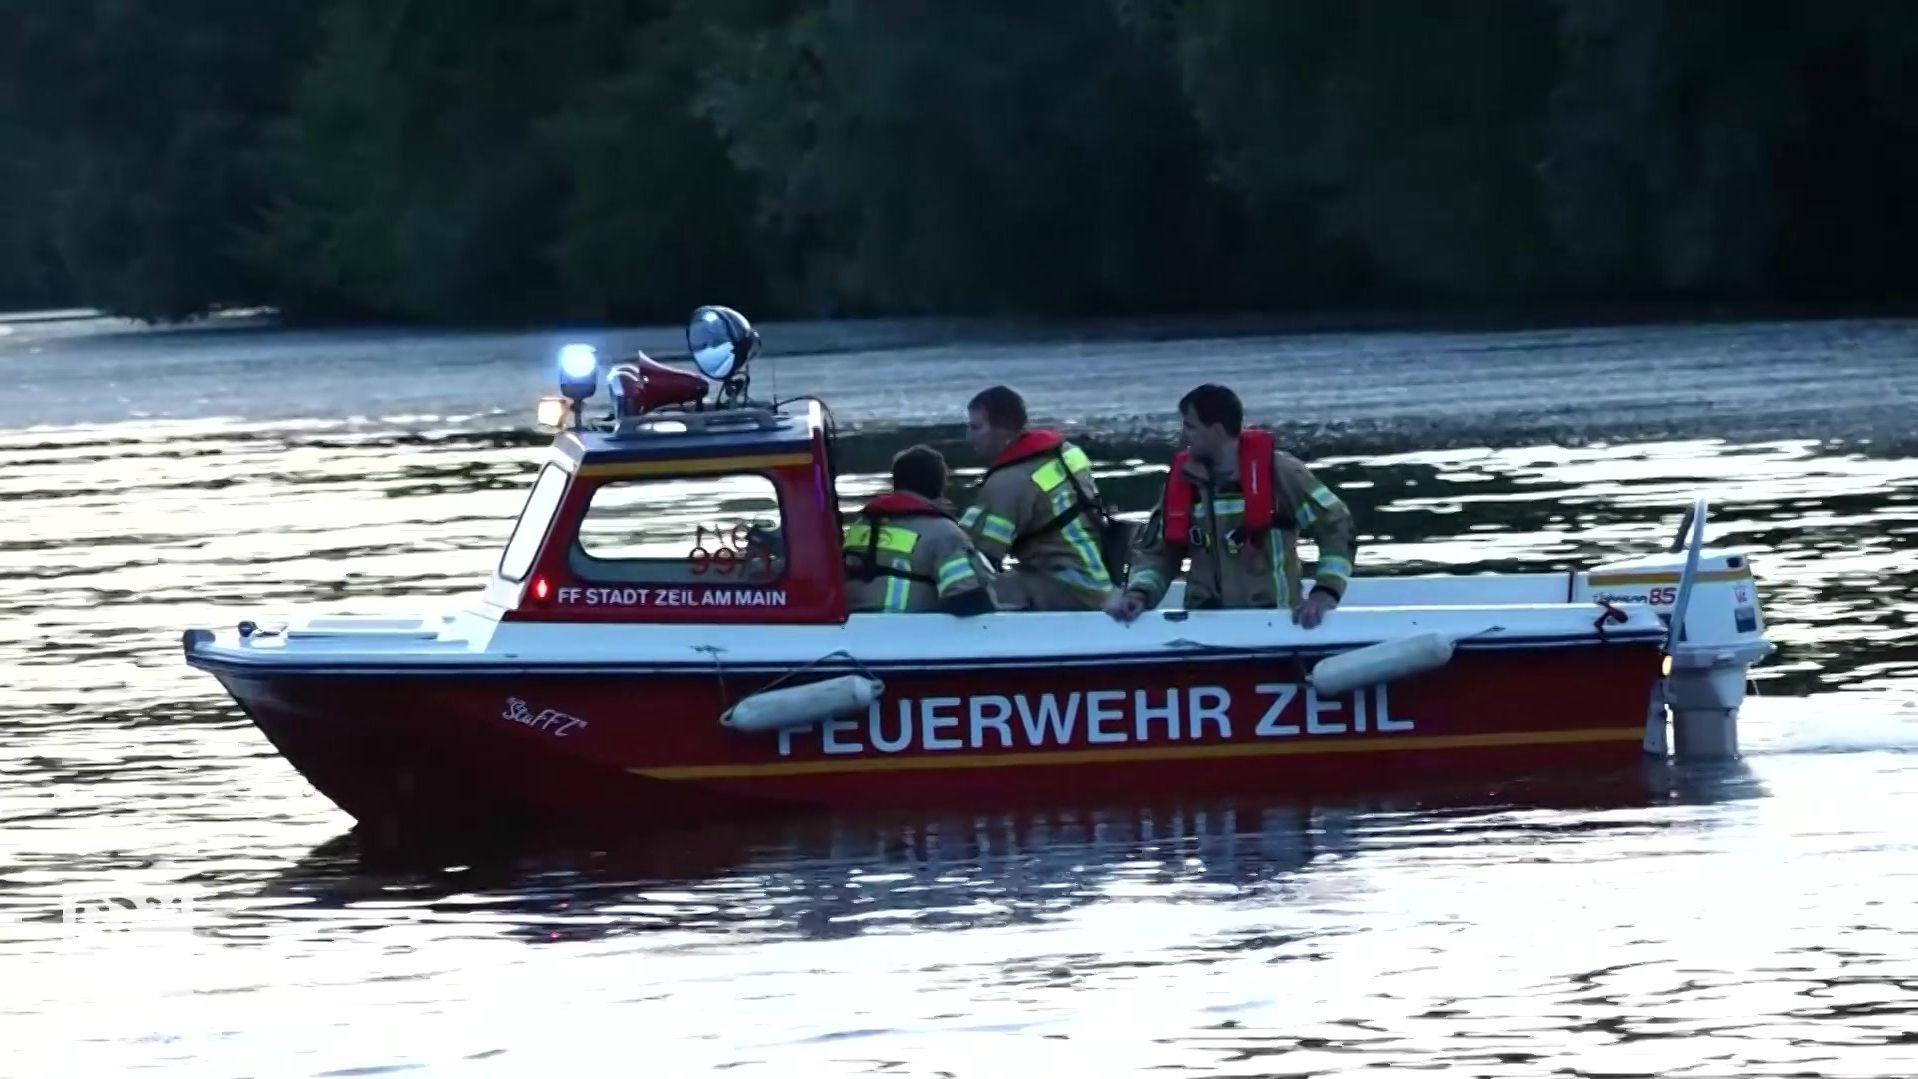 Einsatzkräfte der Feuerwehr bei tödlichem Badeunfall im Main bei Eltmann